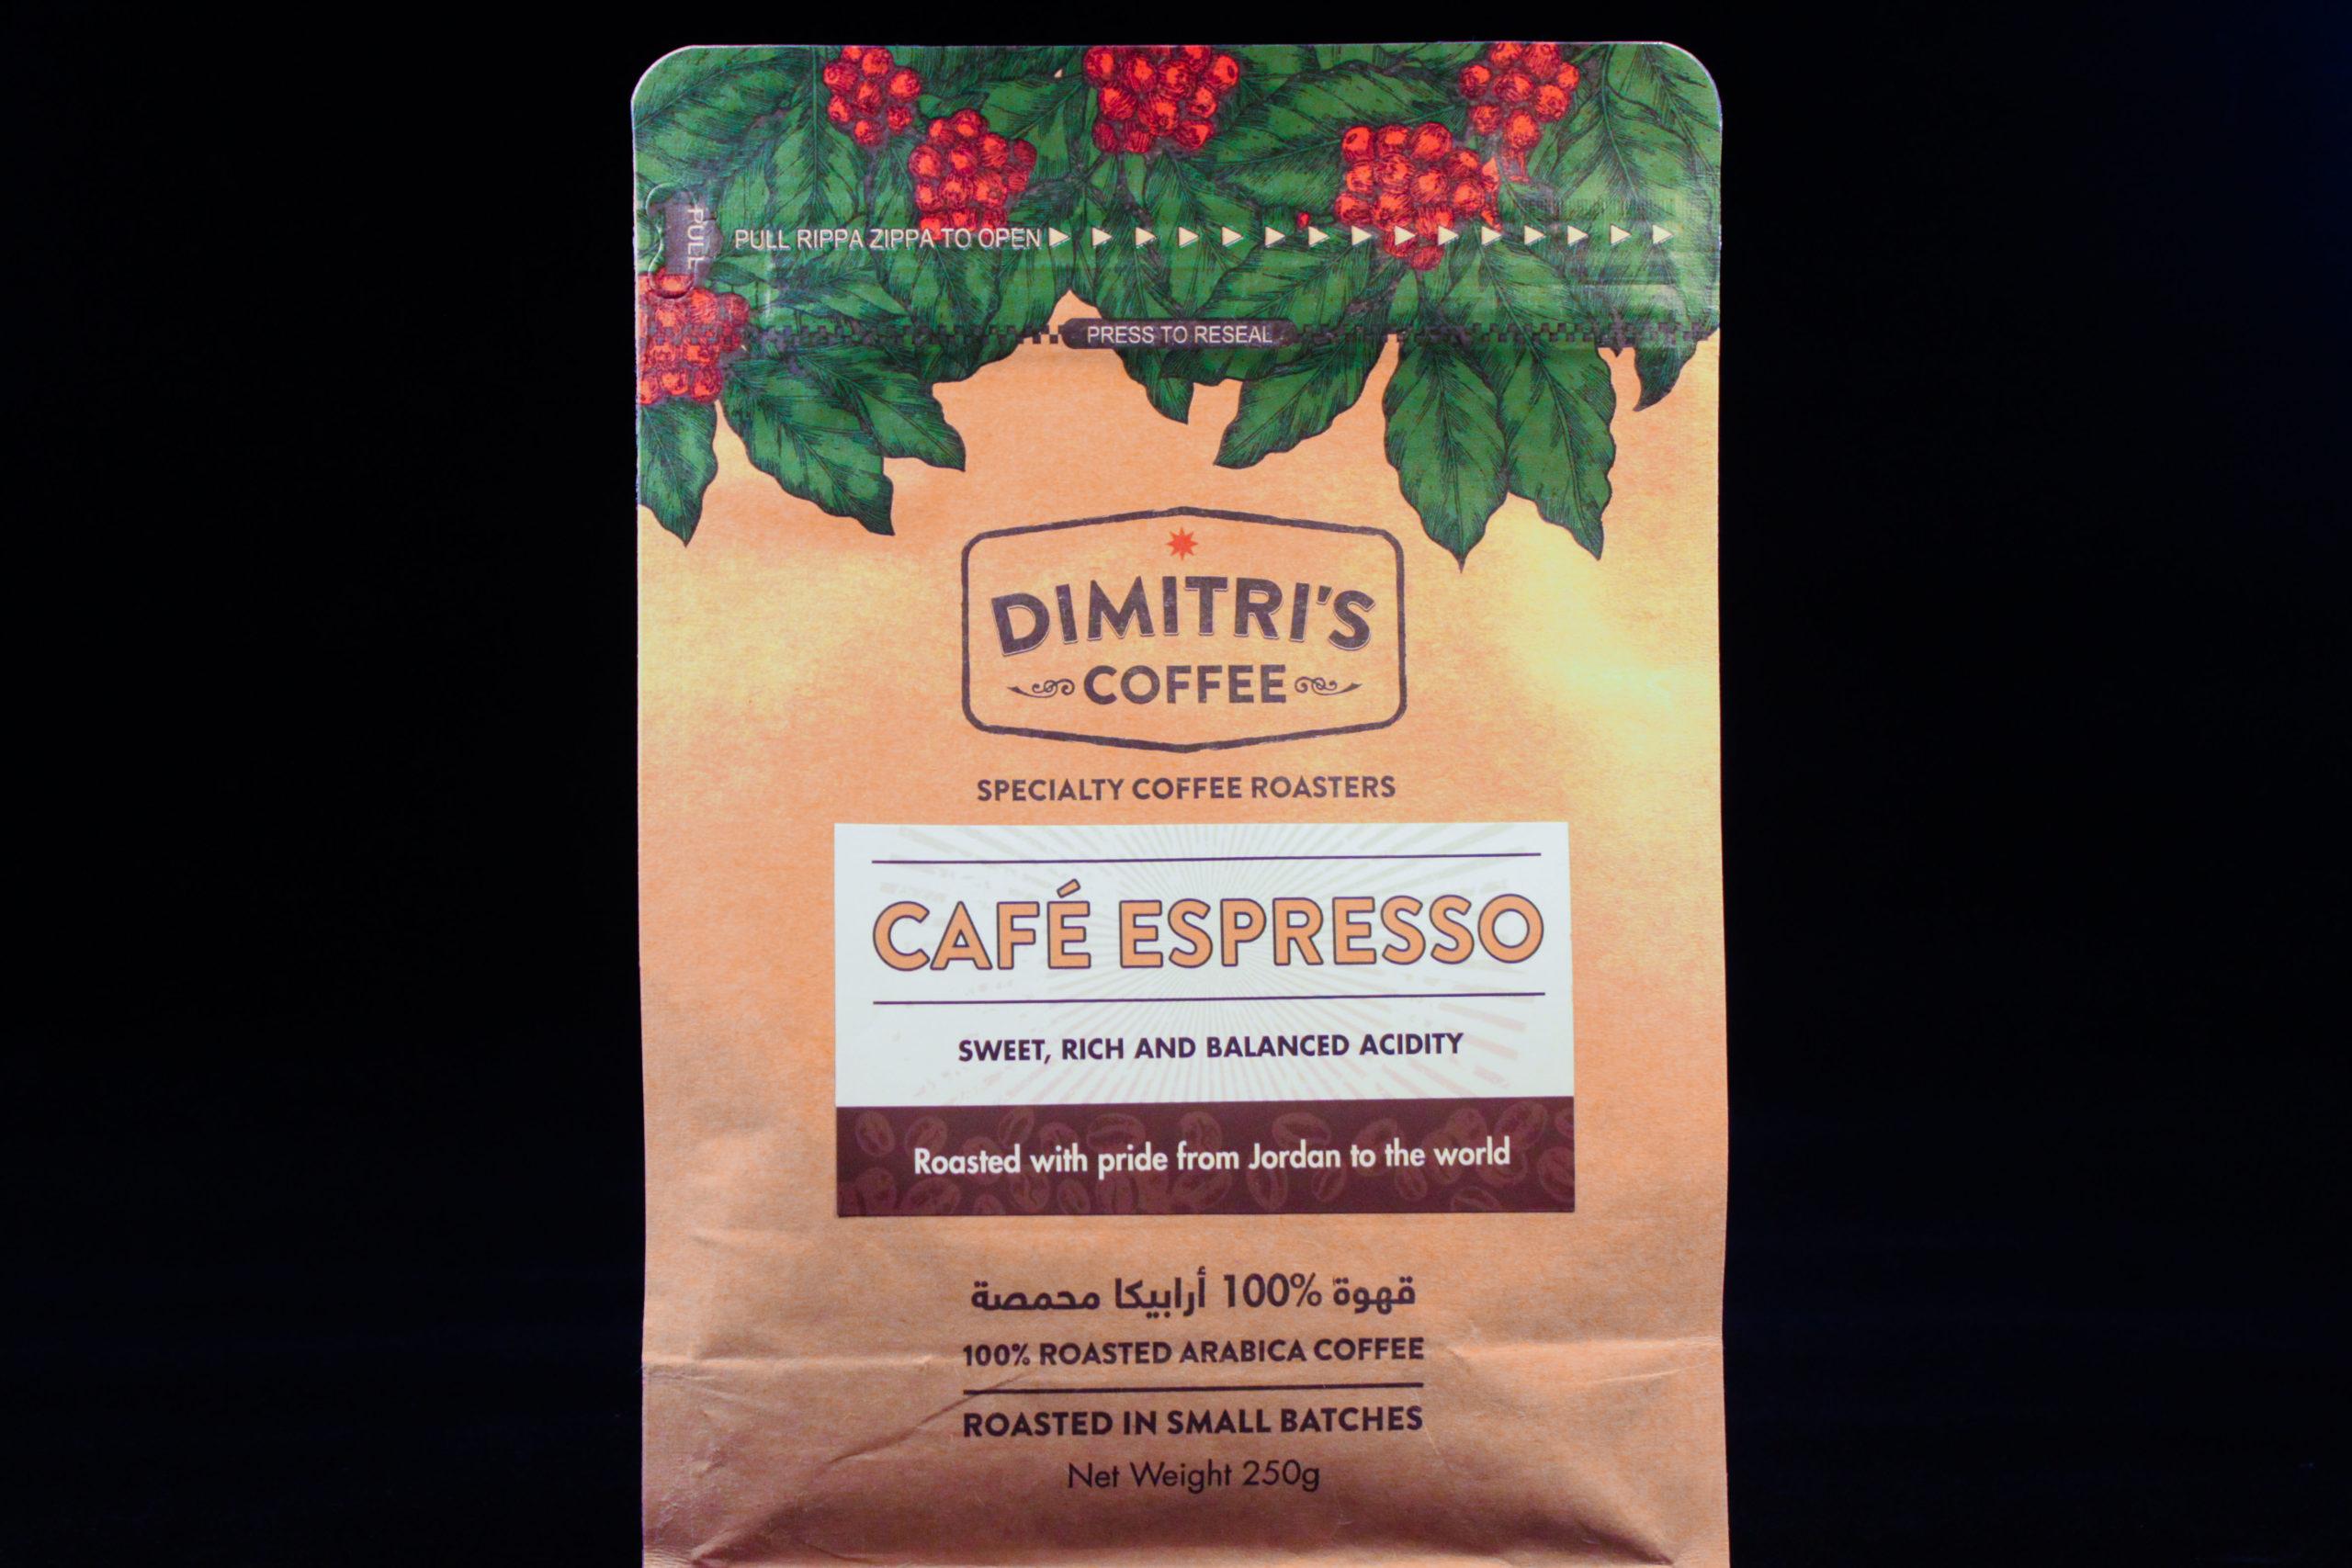 Cafe espresso coffee